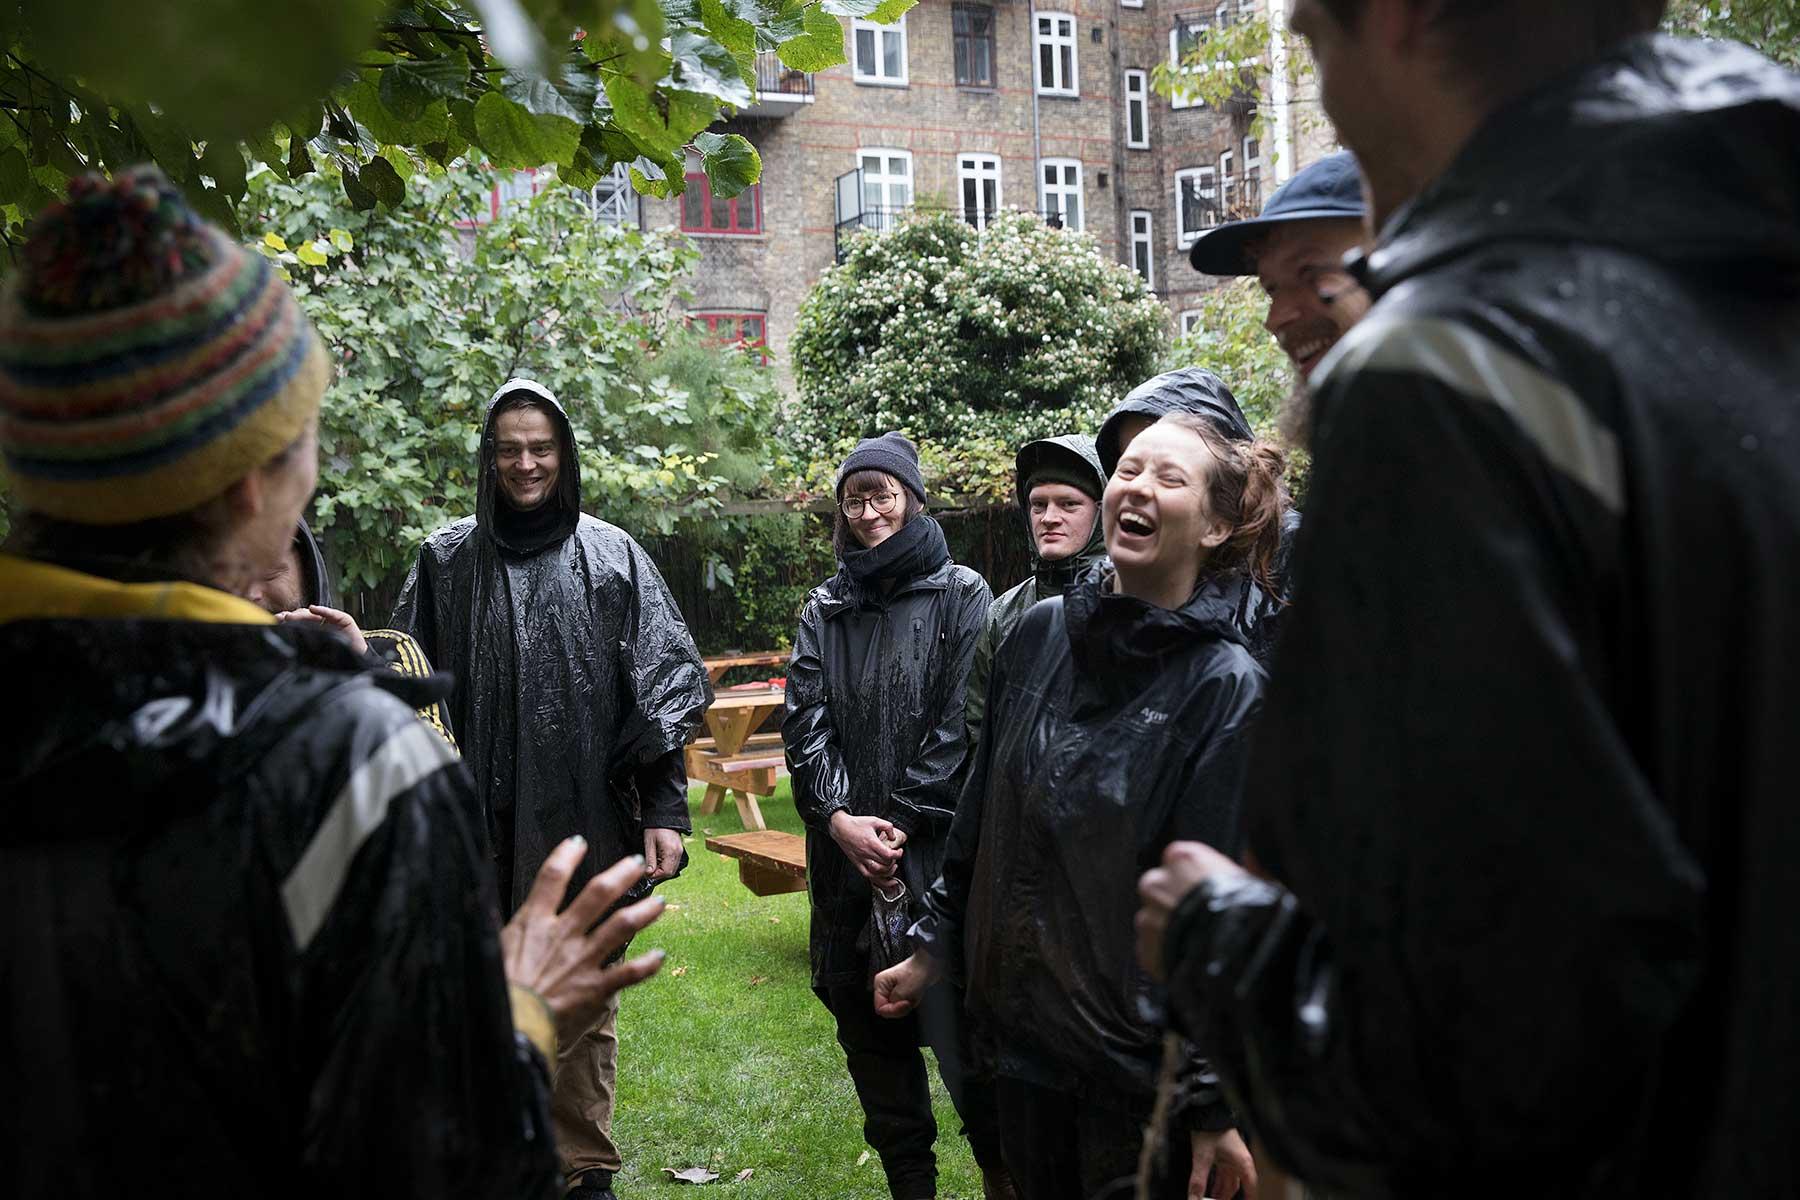 Lørdag i oktober i silende regn. Beboerne i Baldersgården fylder jord i højbede og planter til med stauder og kål, som skal stå flot henover vinteren.